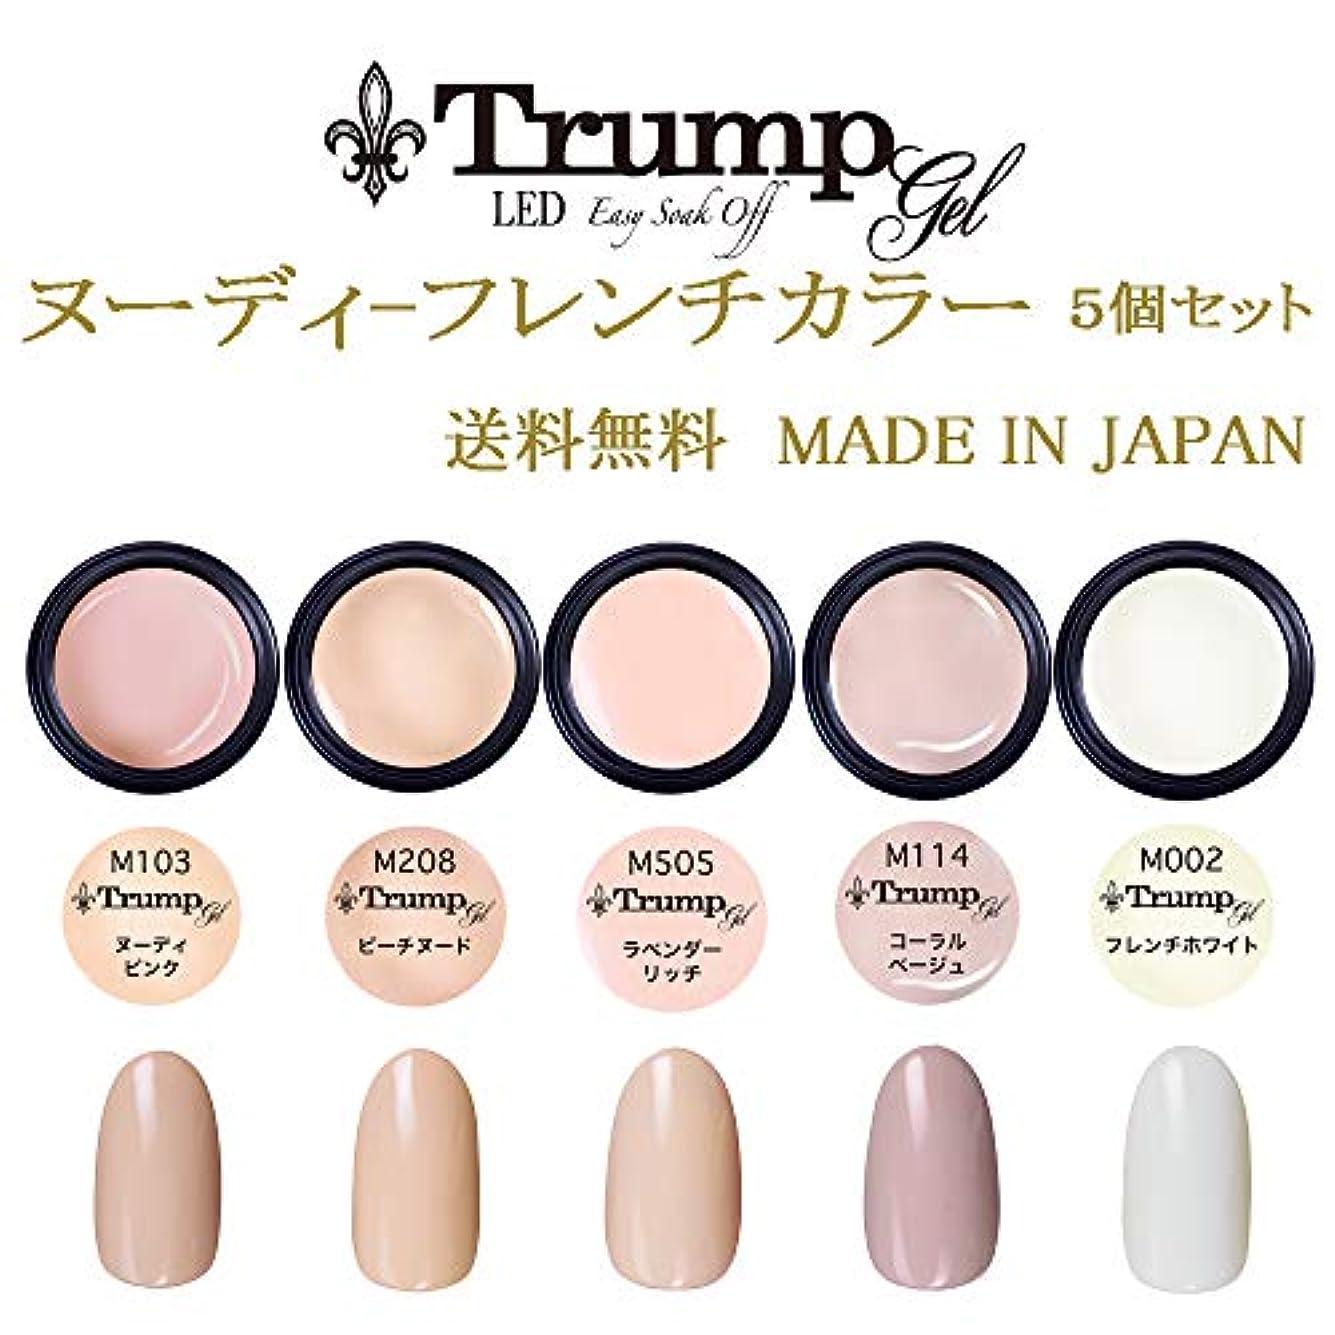 ステレオタイプ本土パック【送料無料】日本製 Trump gel トランプジェルヌーディフレンチカラージェル 5個セット 肌馴染みの良い ヌーデイフレンチカラージェルセット